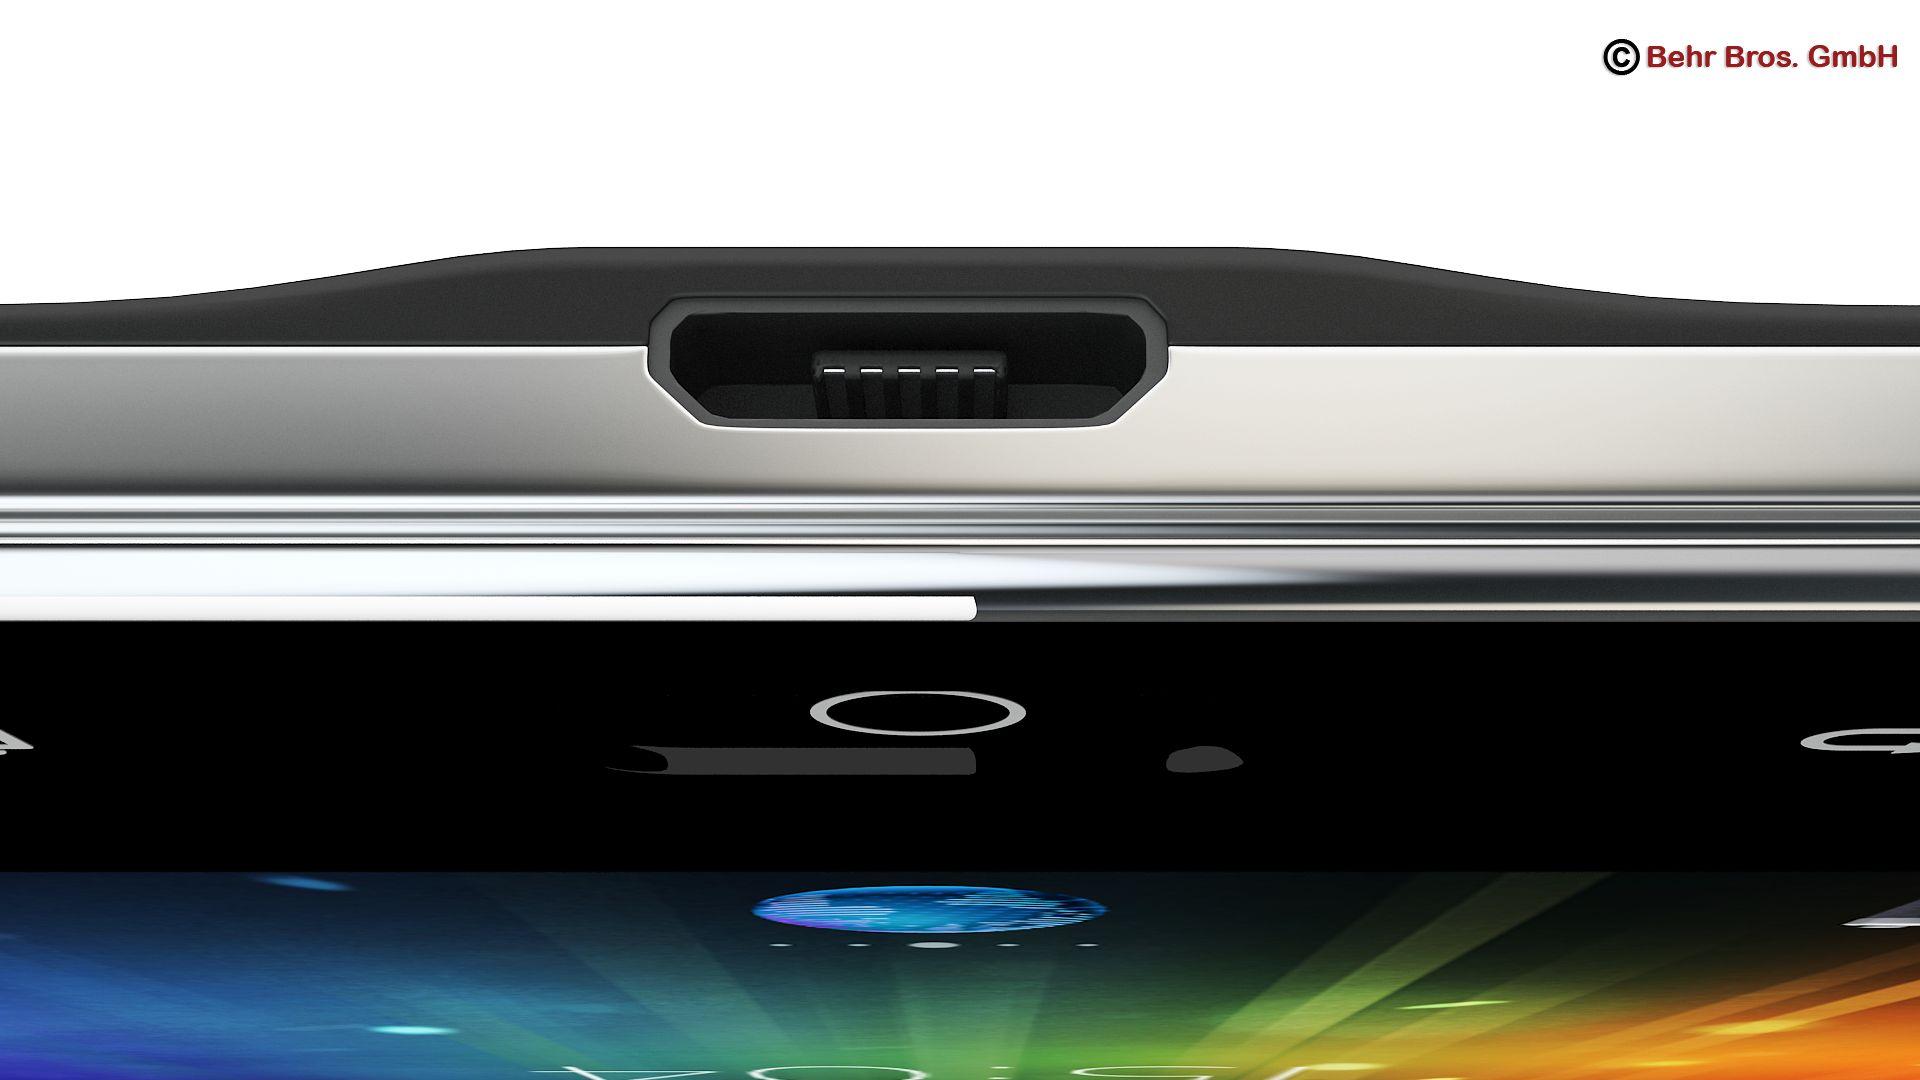 generic tablet 9.7 inch 3d model 3ds max fbx c4d lwo ma mb obj 162910